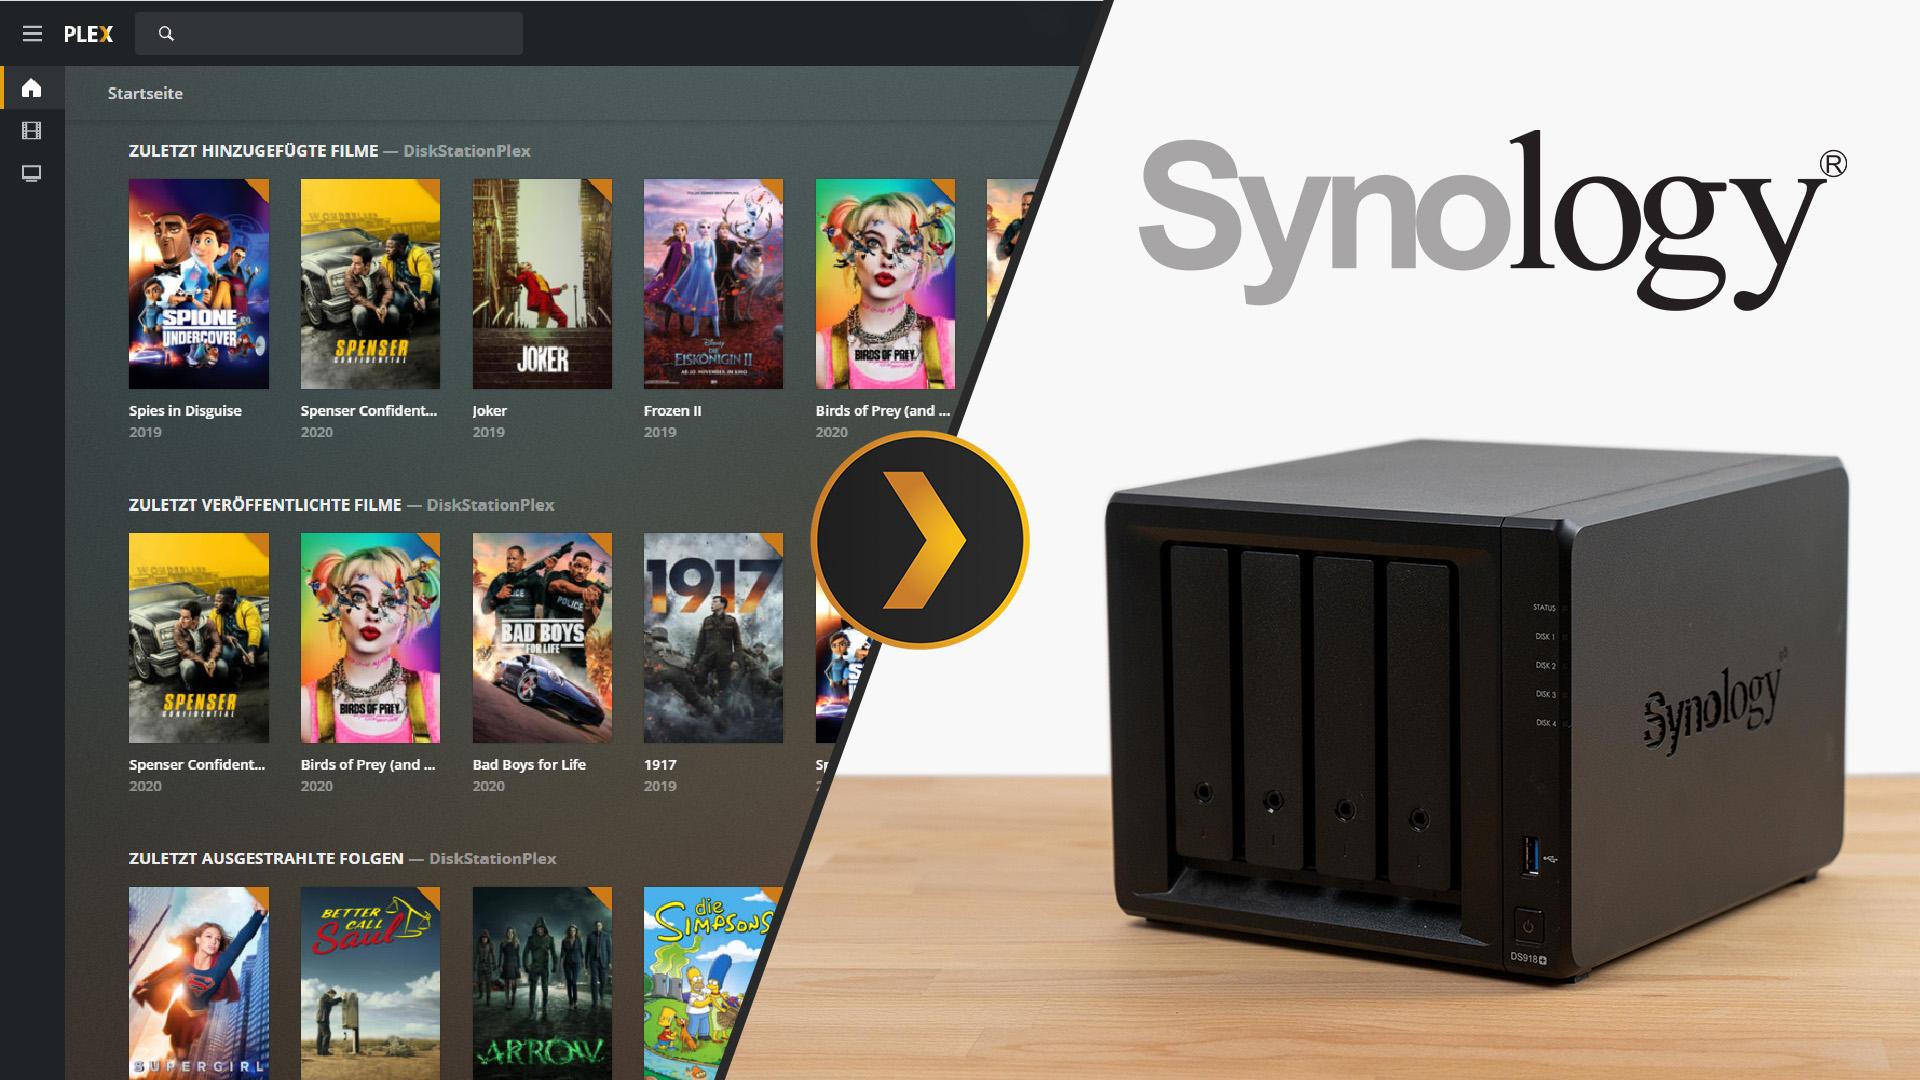 Synology DiskStation PLEX installieren & einrichten